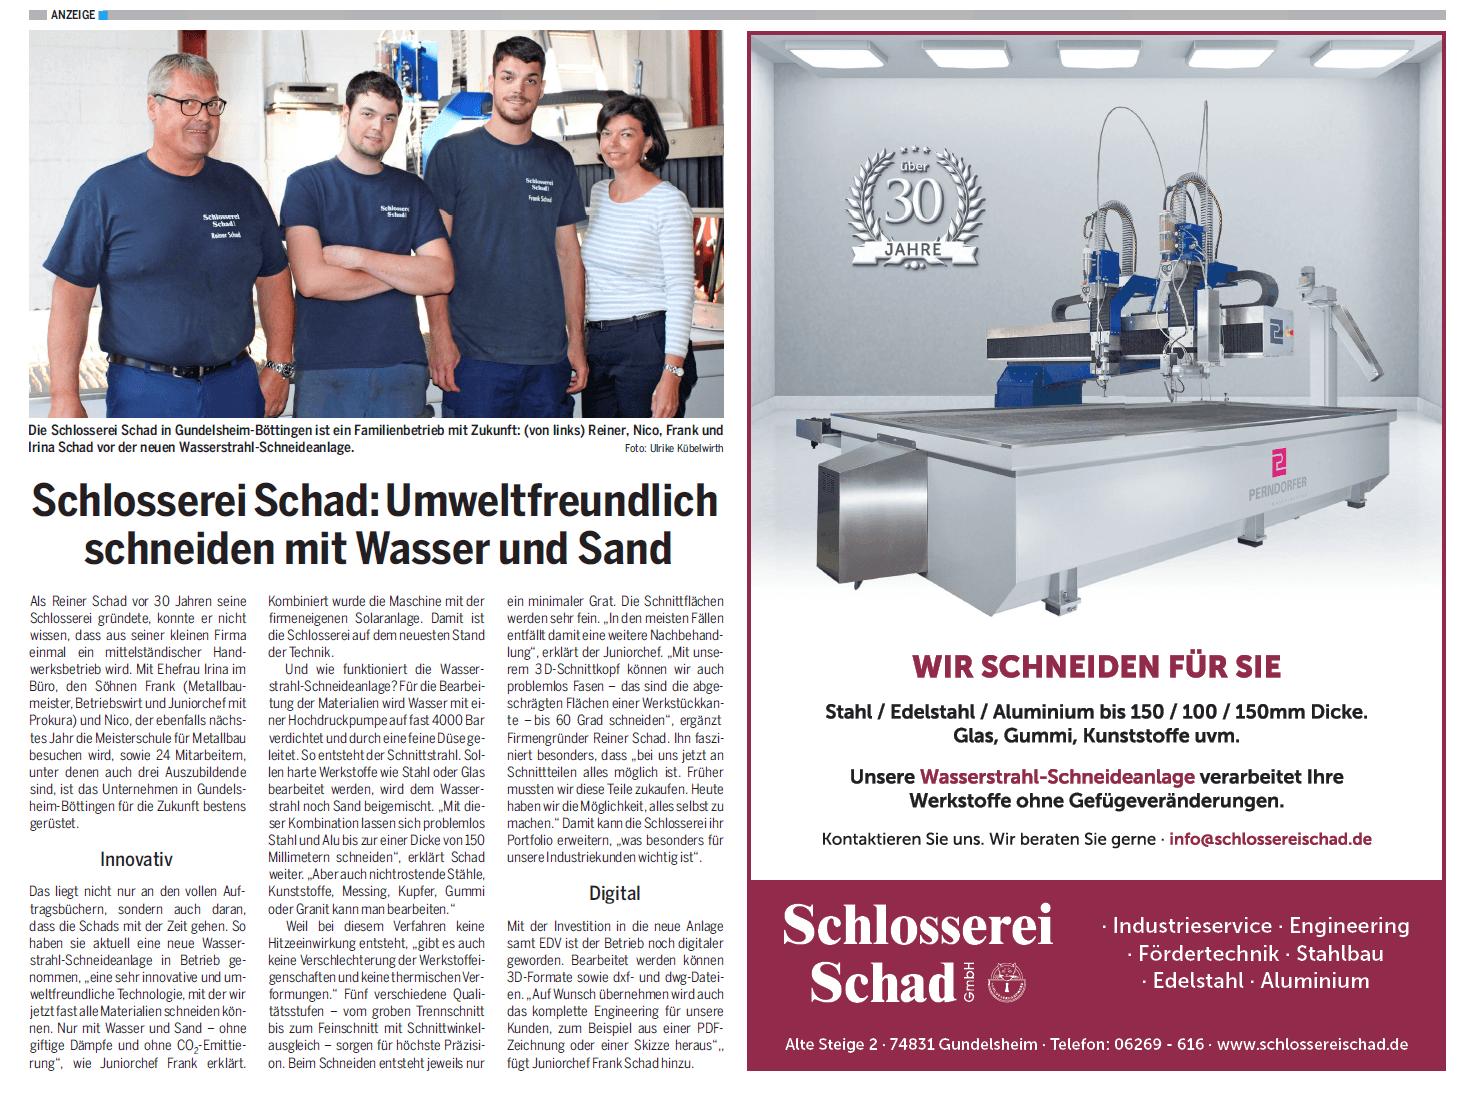 Wasserstrahlschneiden: Wir Schneiden für sie. Zeitungsartikel der Schlosserei Schad in der Heilbronner Stimme